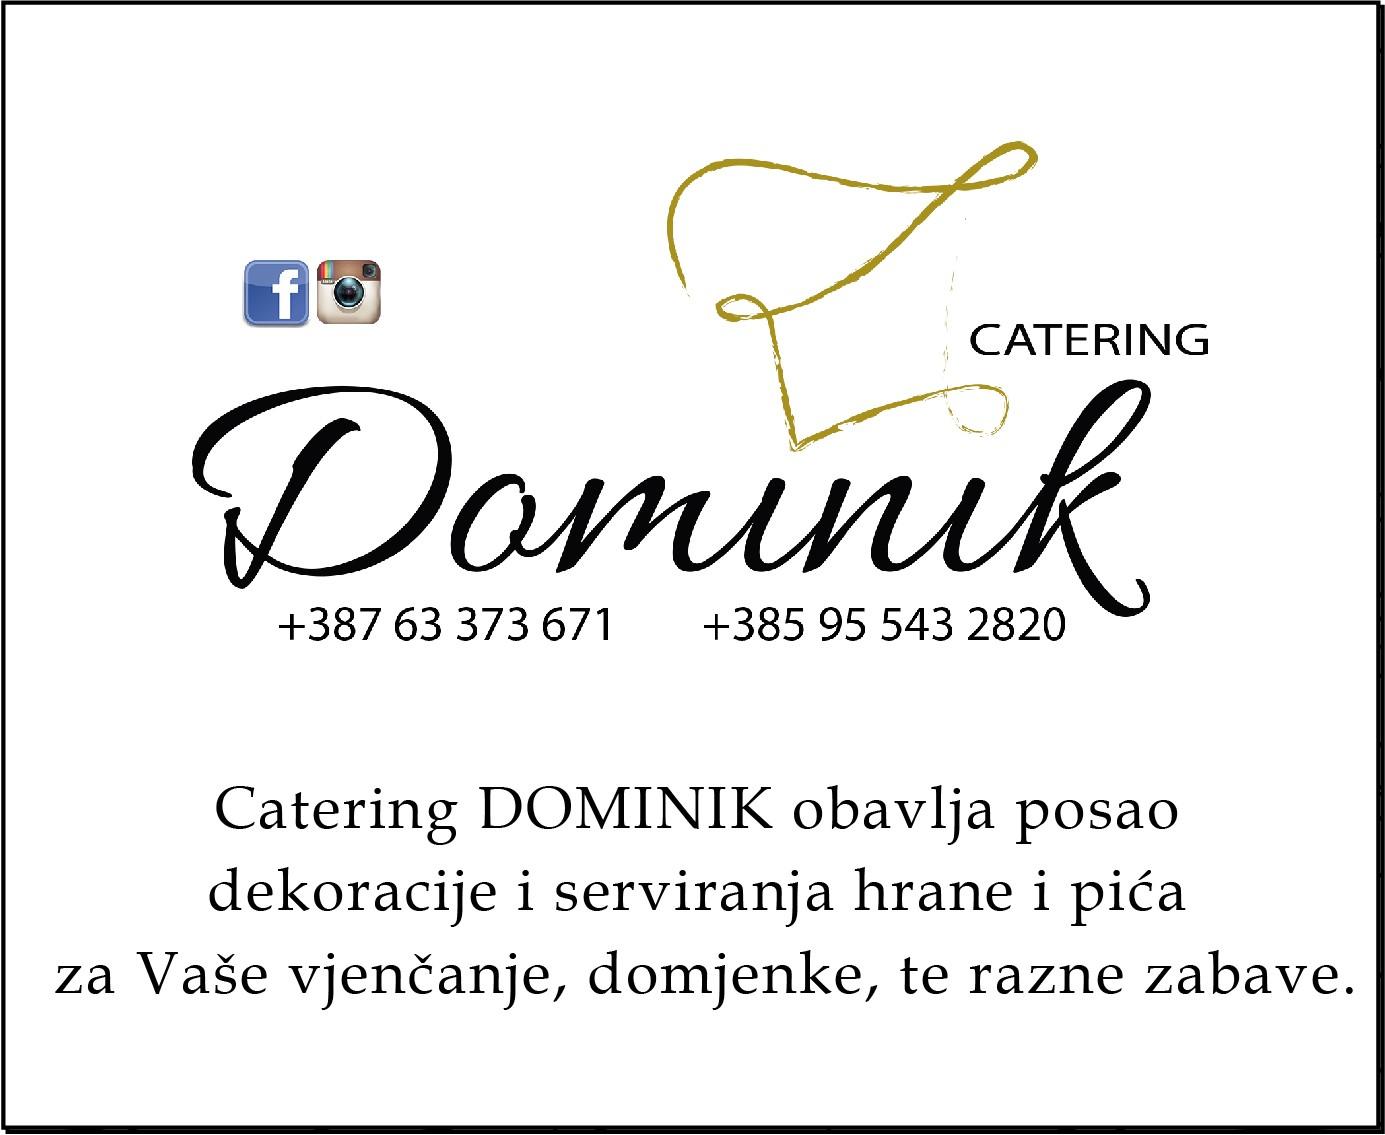 DOMINIK-CATERING